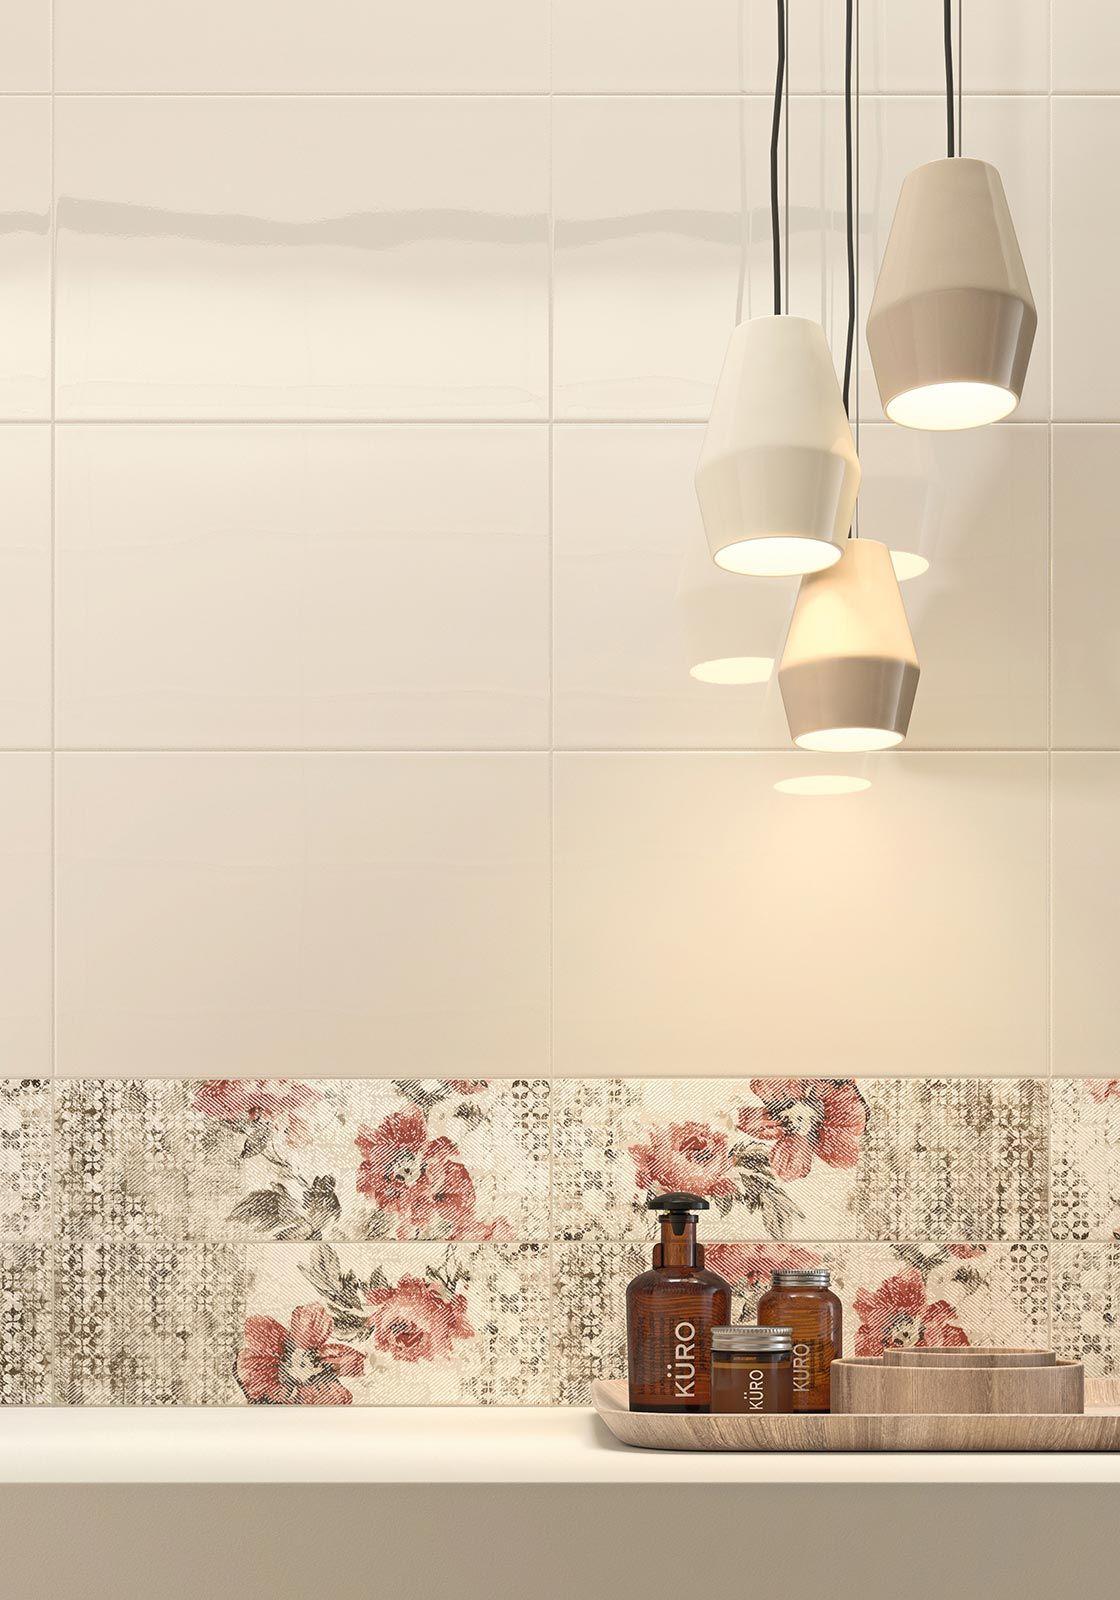 Chroma ceramic tiles marazzi7417 materials pinterest chroma ceramic tiles marazzi7417 dailygadgetfo Choice Image